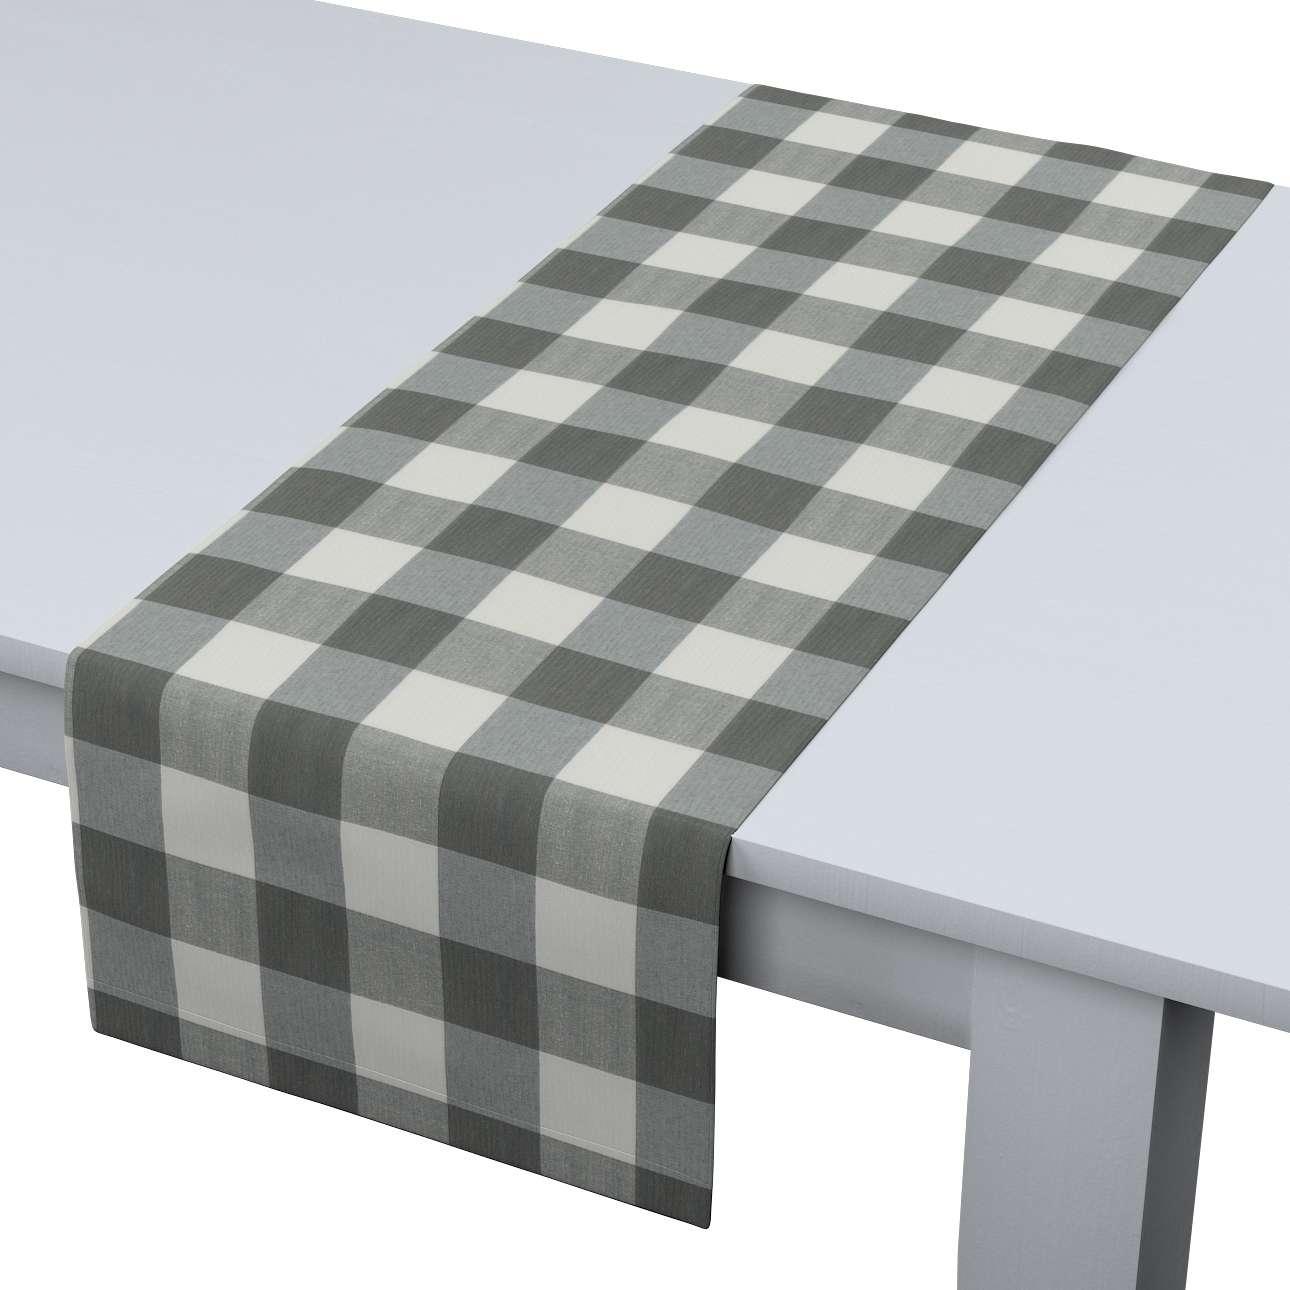 Rechteckiger Tischläufer 40 x 130 cm von der Kollektion Quadro, Stoff: 136-13